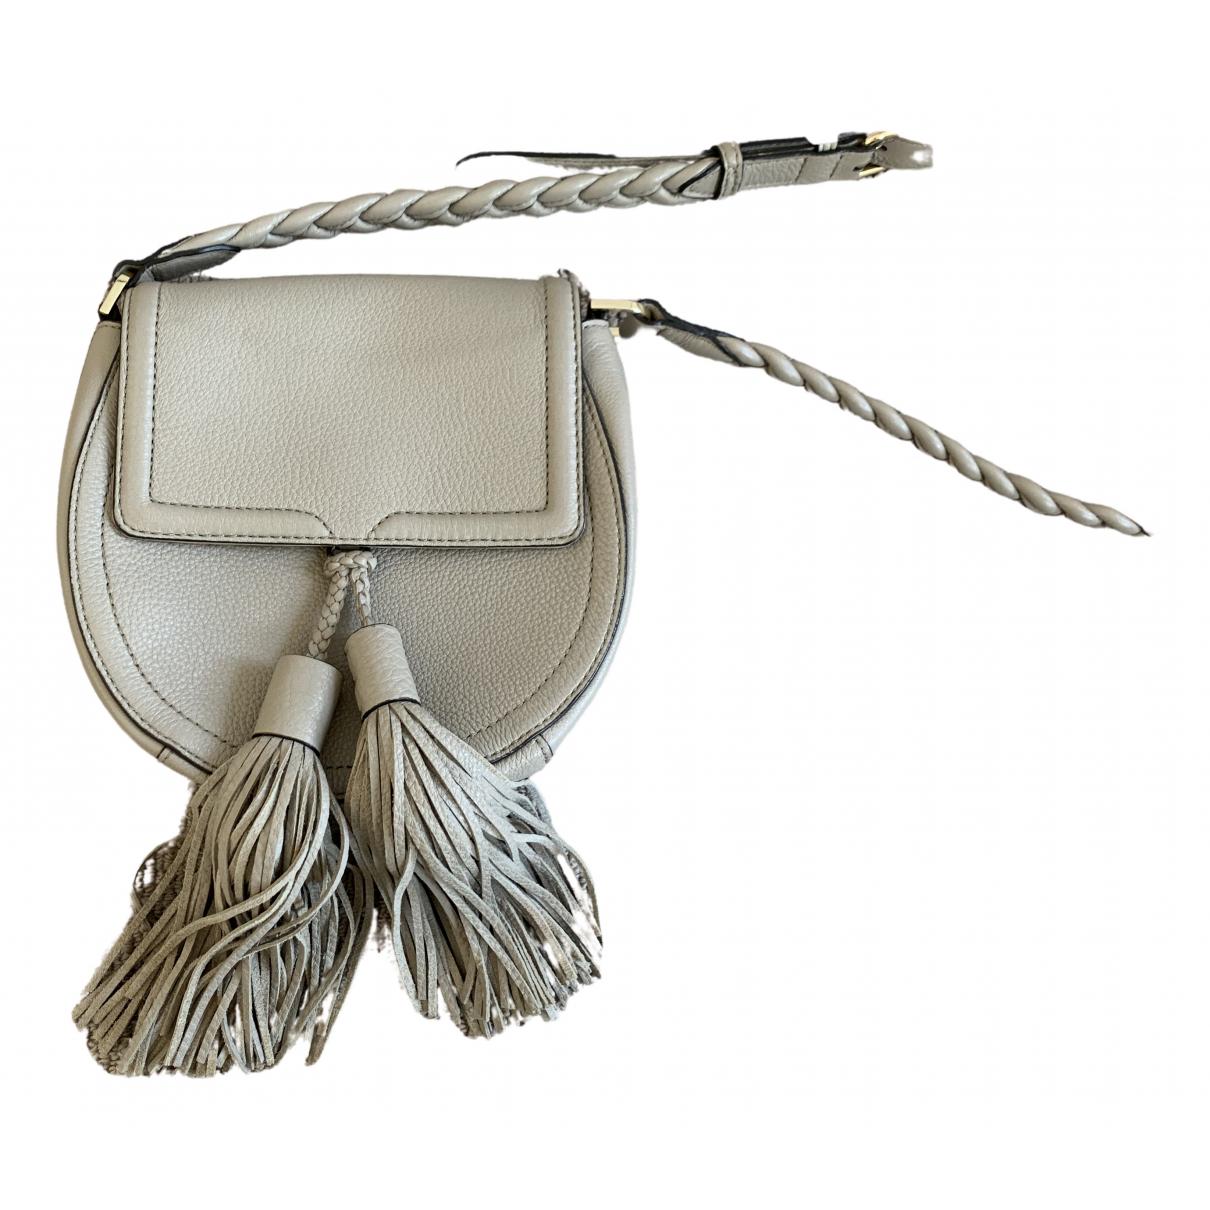 Rebecca Minkoff \N Beige Leather handbag for Women \N